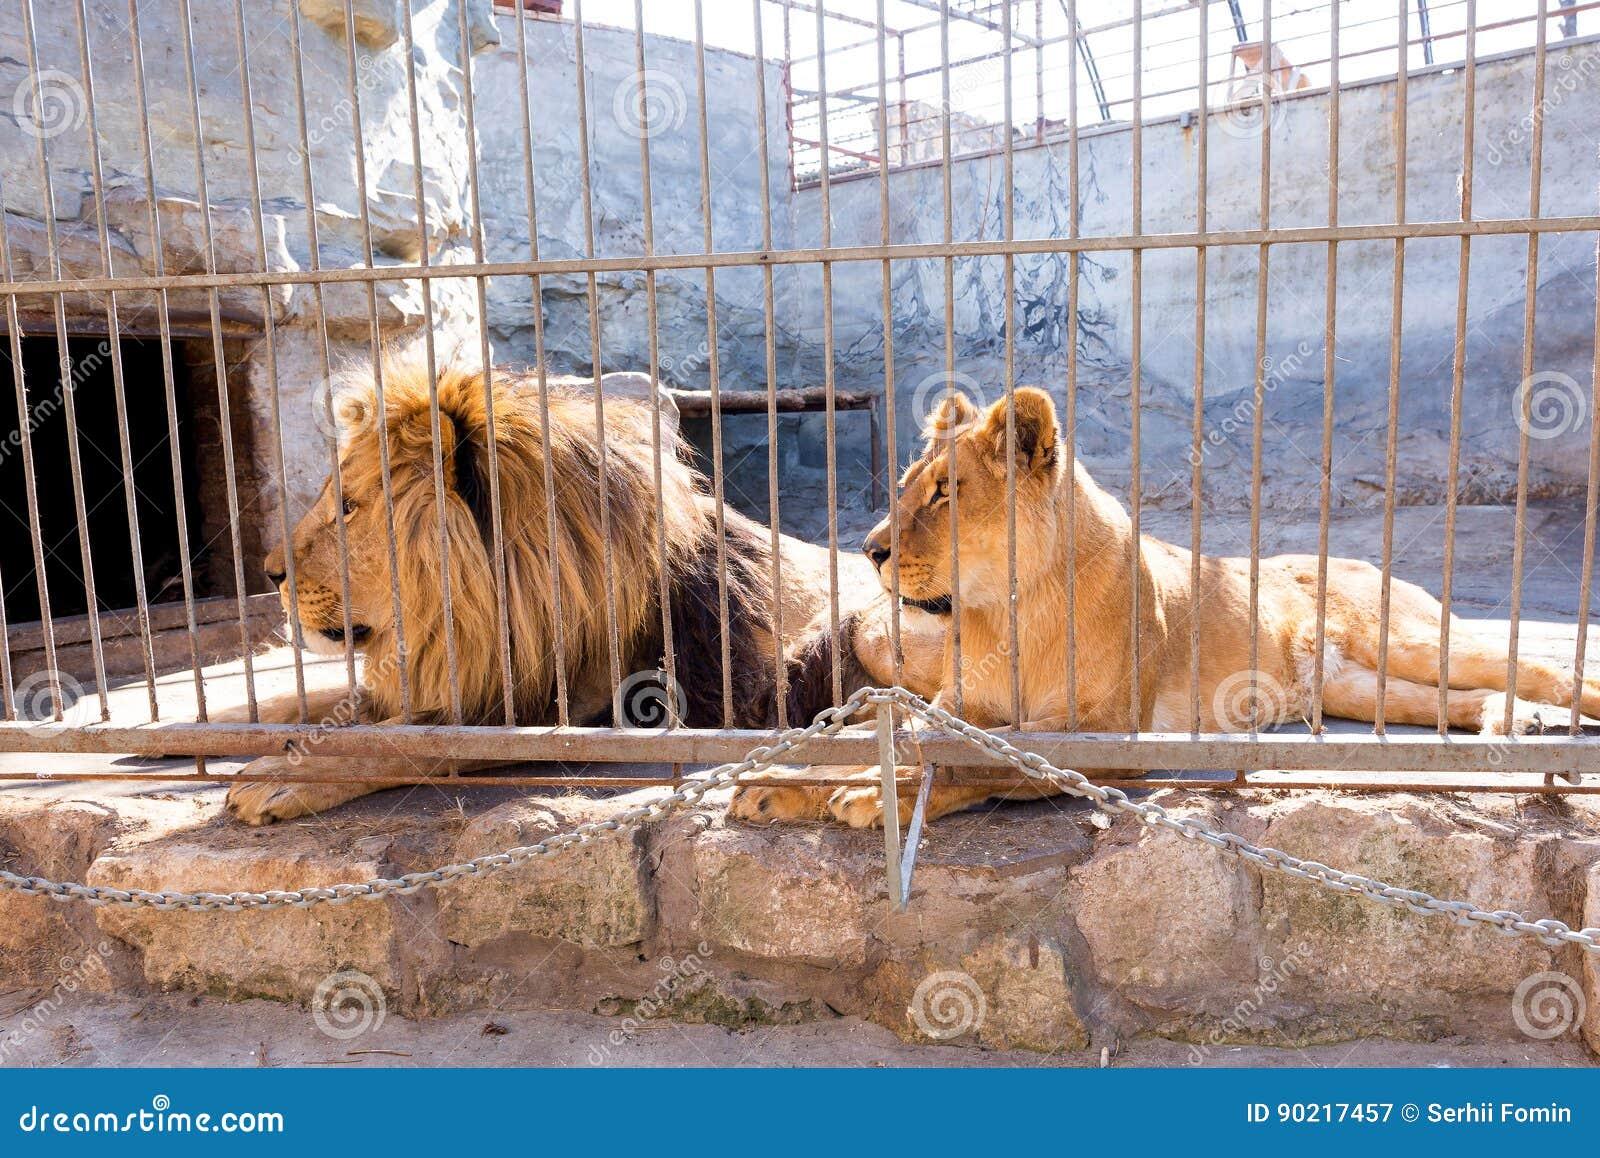 Ένα ζευγάρι των λιονταριών στην αιχμαλωσία σε έναν ζωολογικό κήπο πίσω από τα κάγκελα Δύναμη και επιθετικότητα στο κλουβί